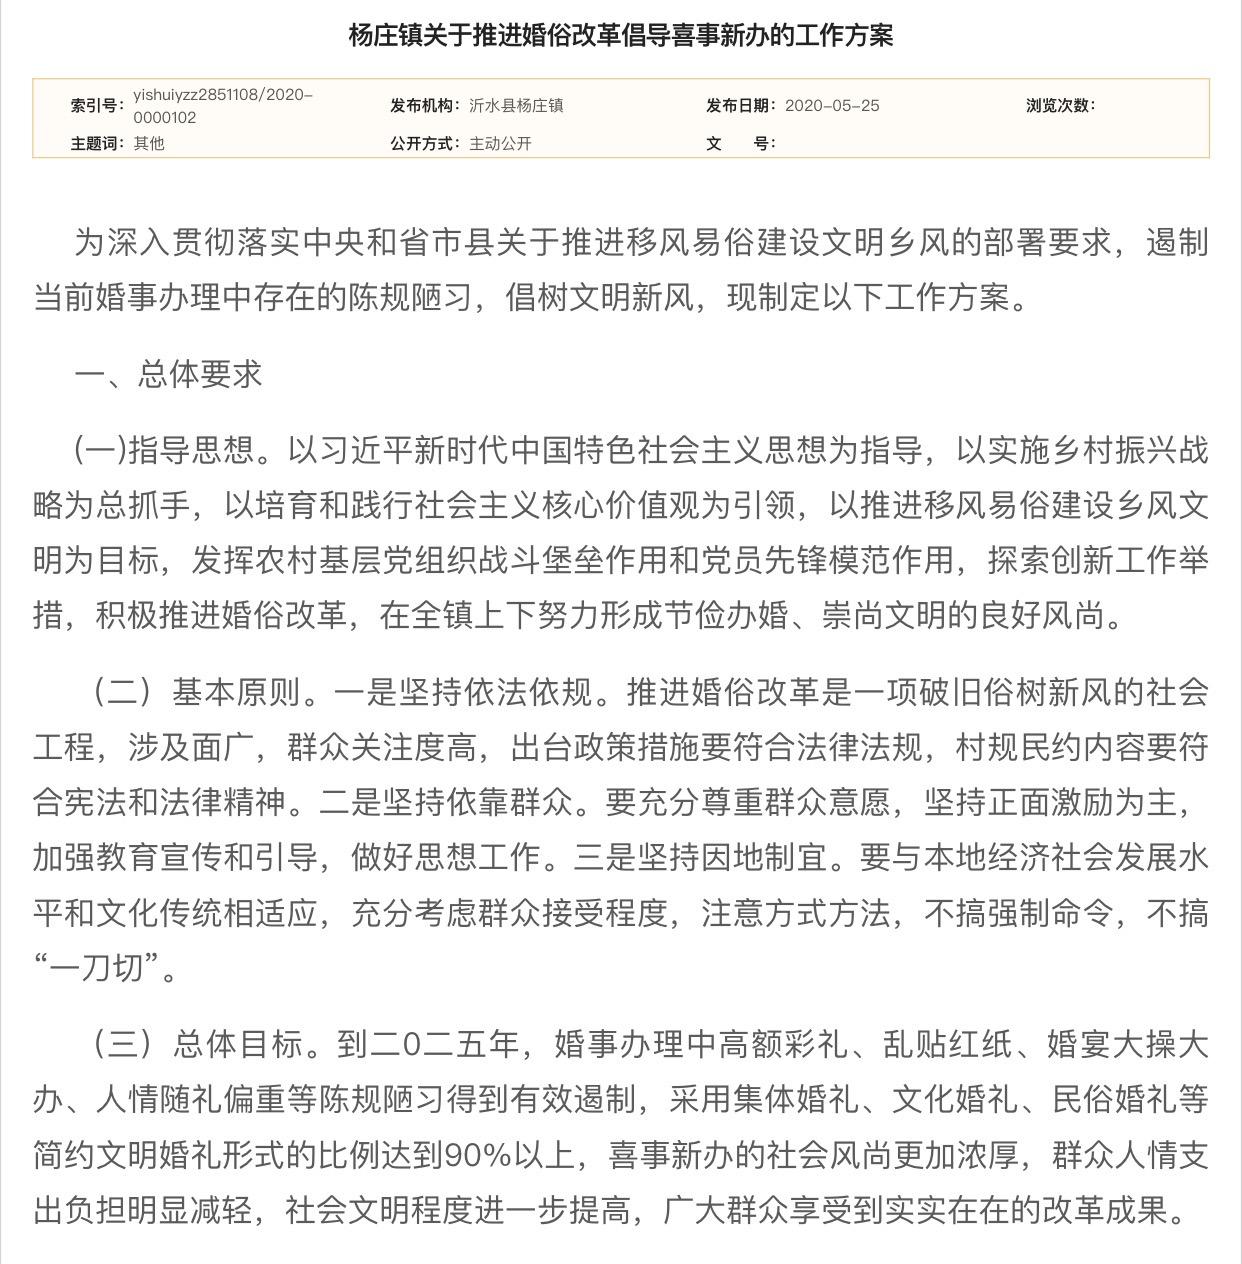 """【淘宝金牌卖家怎么申请】_山东沂水回应""""提倡彩礼不超1万"""":非强制执行"""